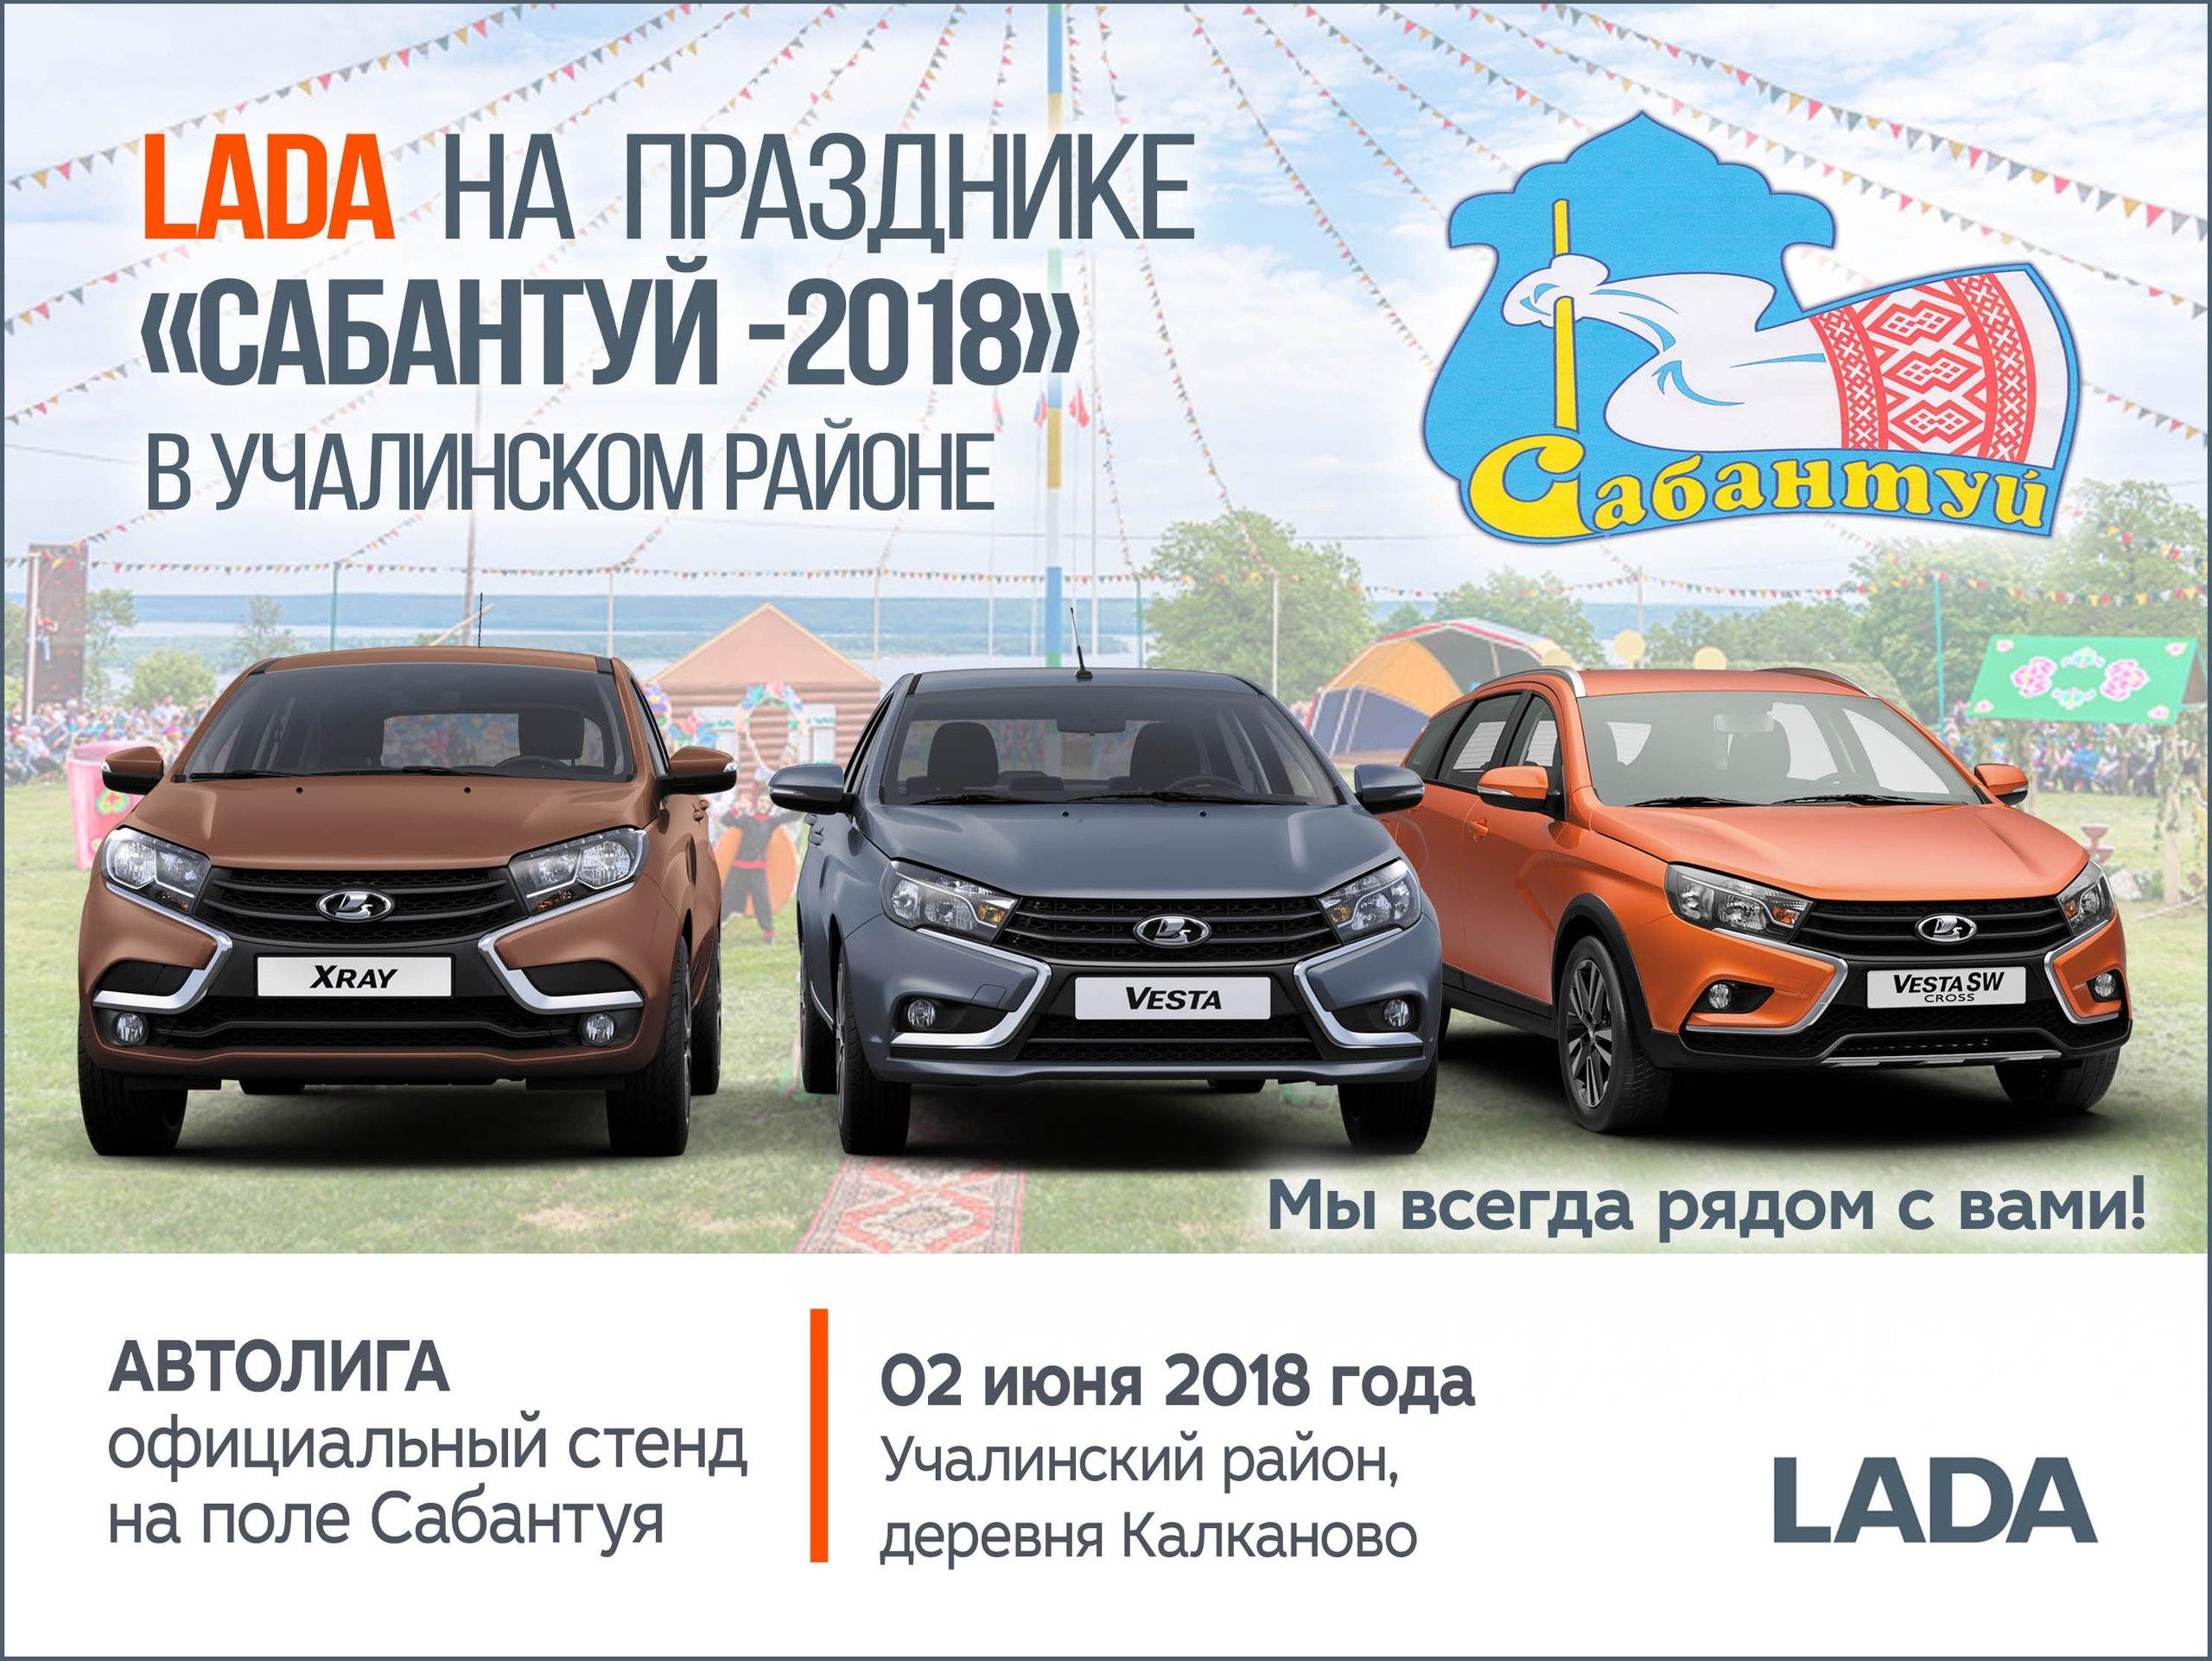 АНОНС:   LADA  примет участие в  празднике ''Сабантуй'' в Учалинском районе